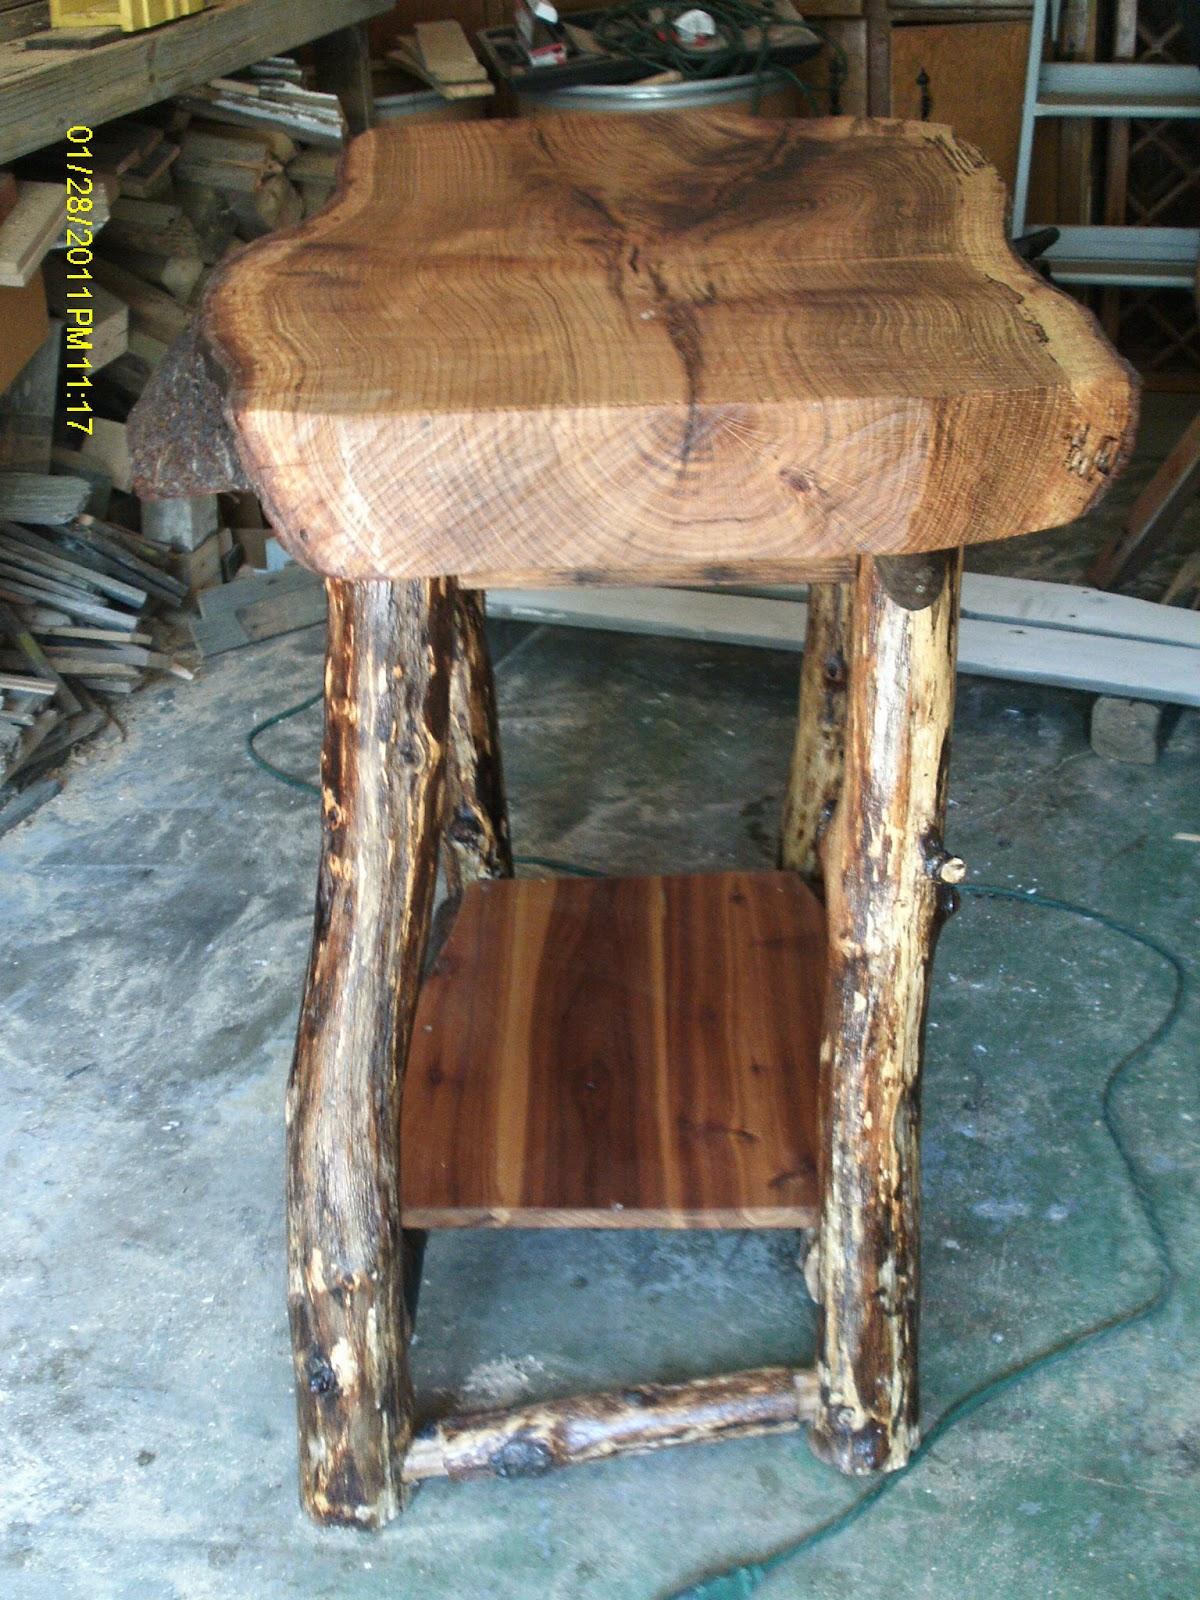 Handmade Rustic & Log Furniture: June 2012